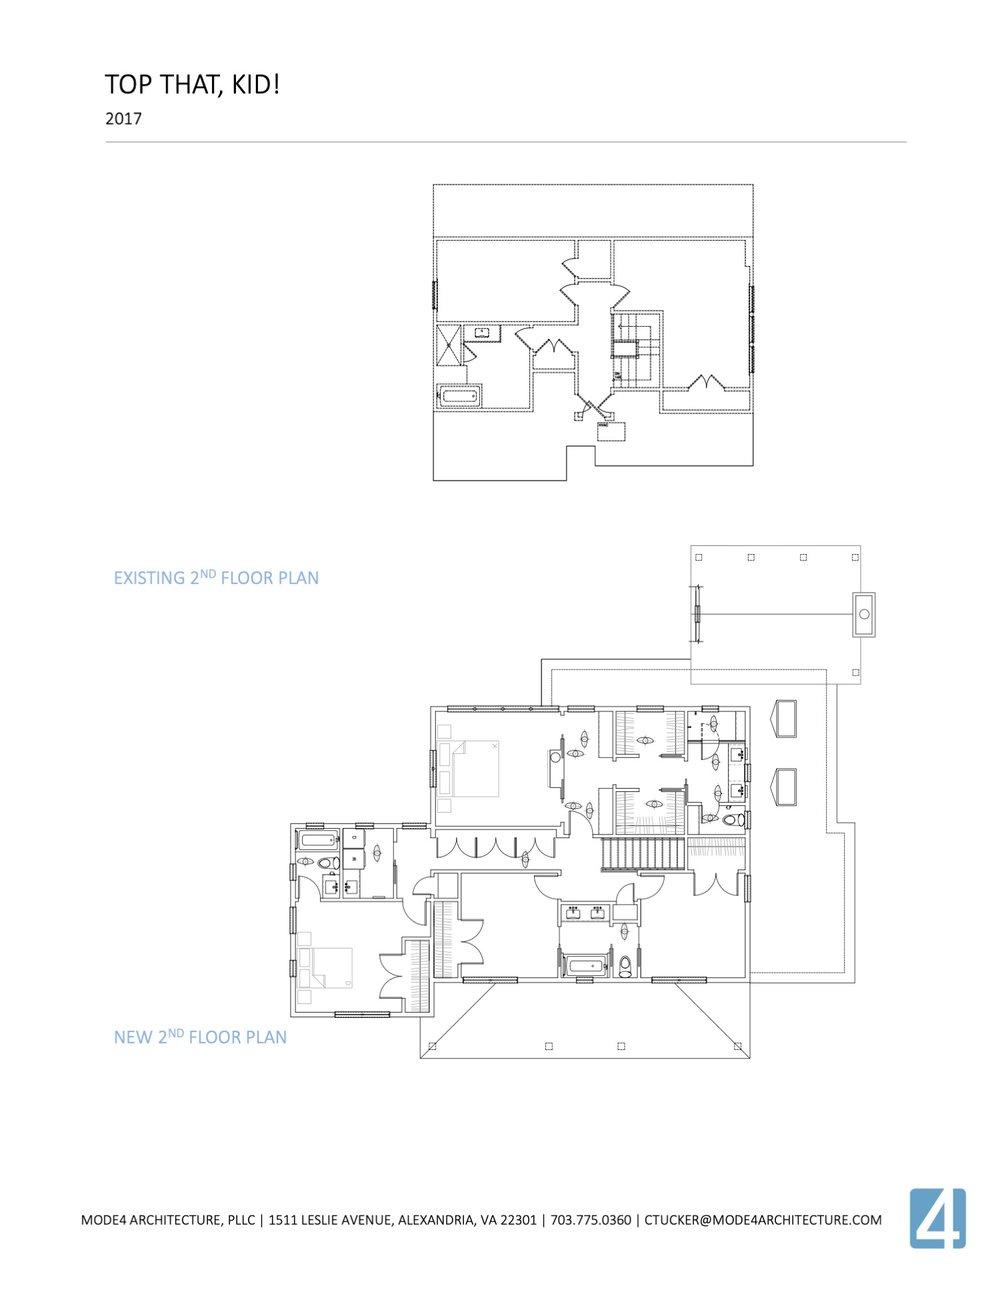 Mode4 Architecture